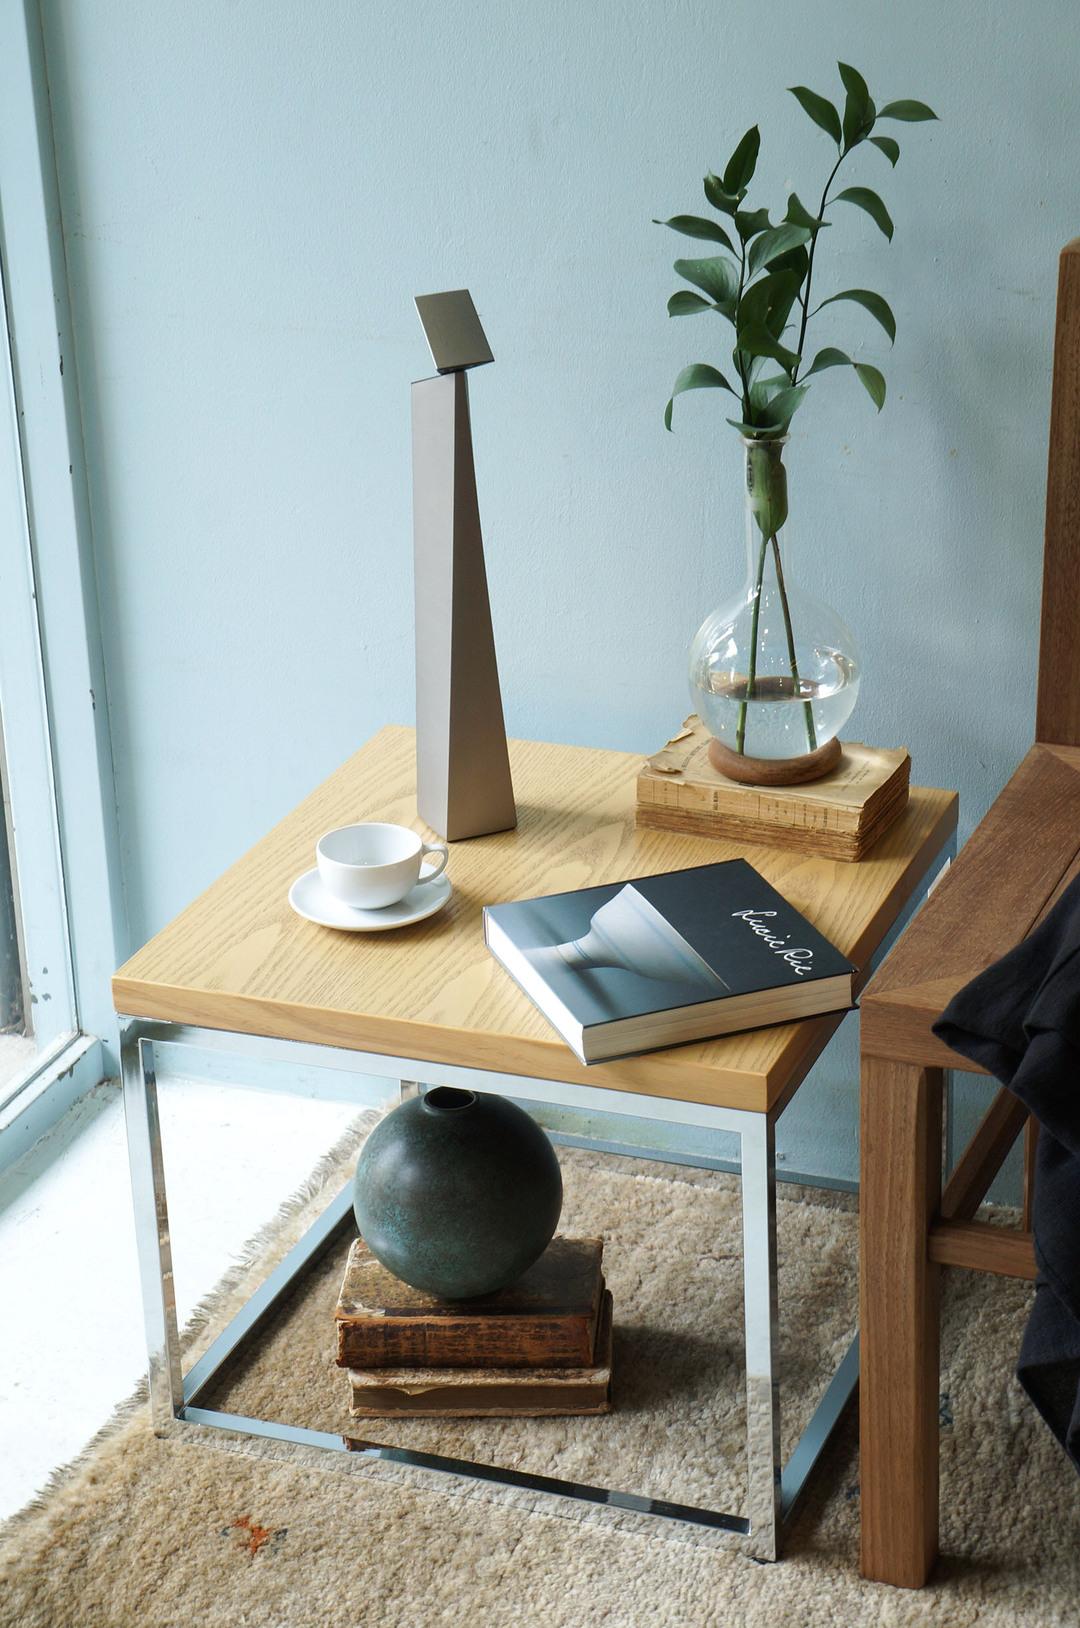 """SOGOKAGU × ichimiri-design Low Table """"GEOMETRY""""/相合家具製作所×イチミリデザイン ローテーブル ジオメトリ・カク ホワイトアッシュ シンプルモダン"""